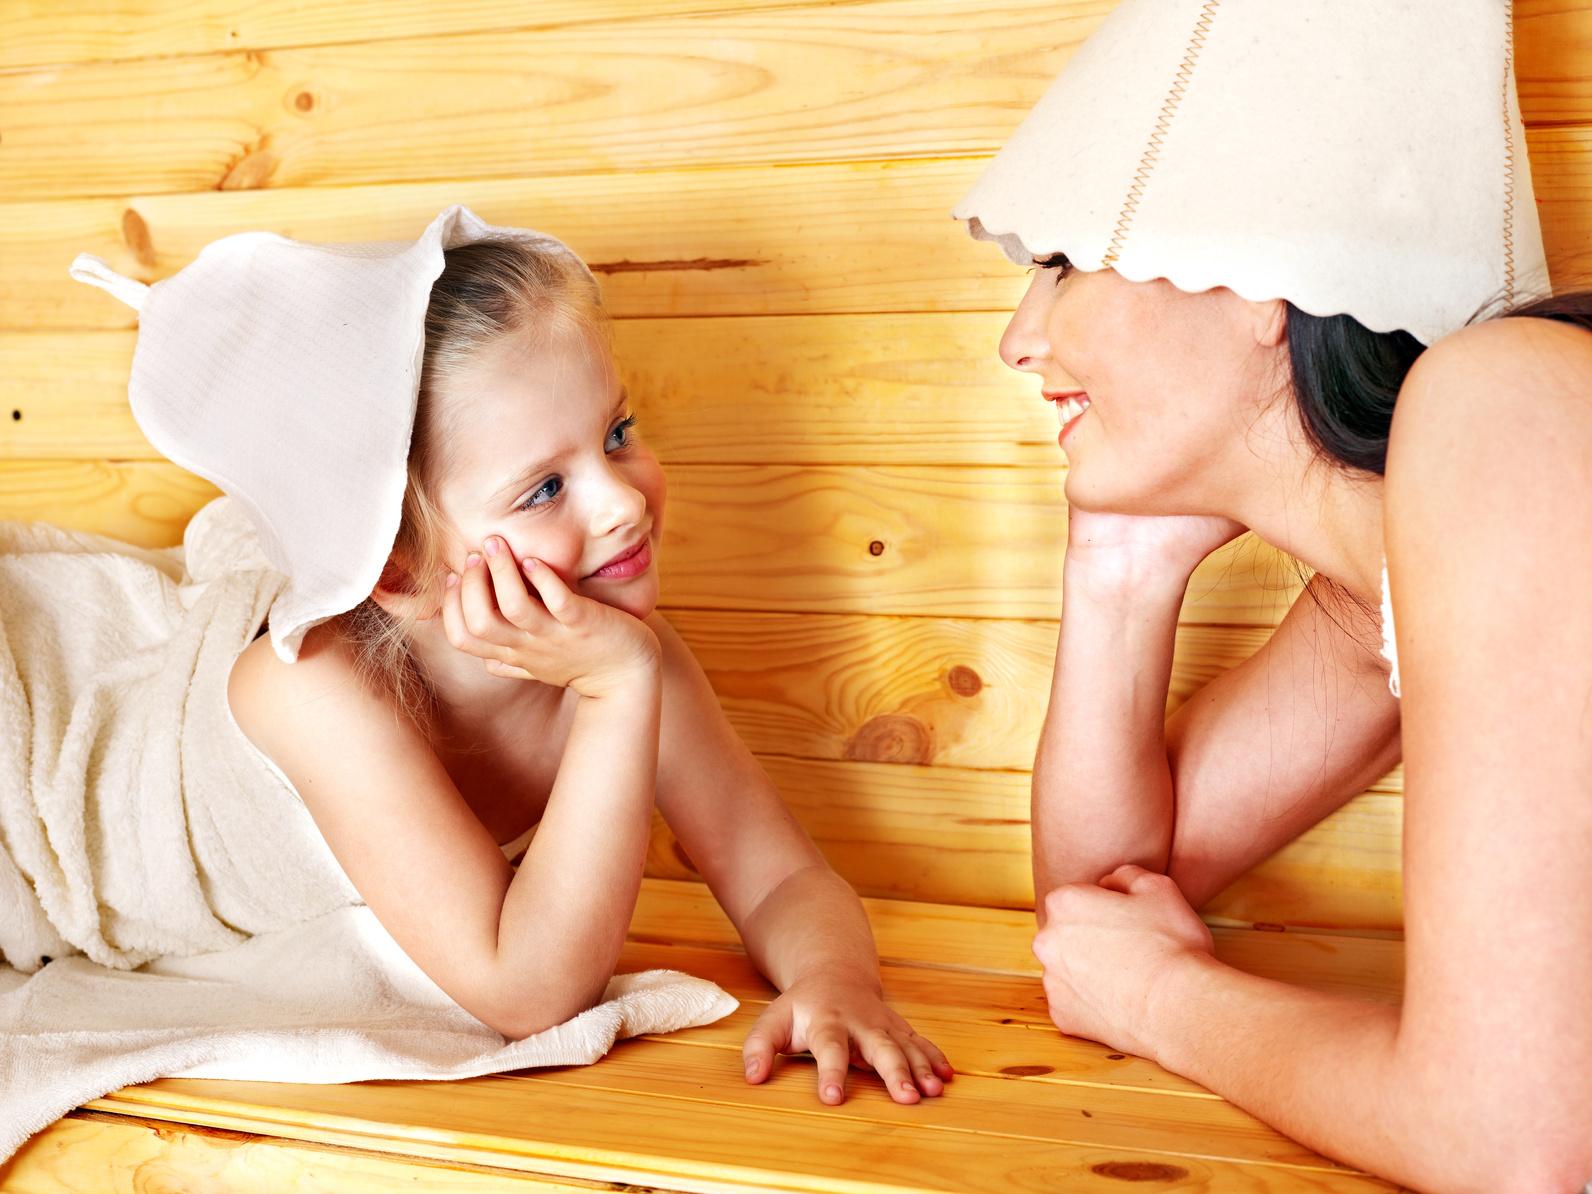 Всегда моемся в бане всей семьей - голые - Записки жизнерадостного